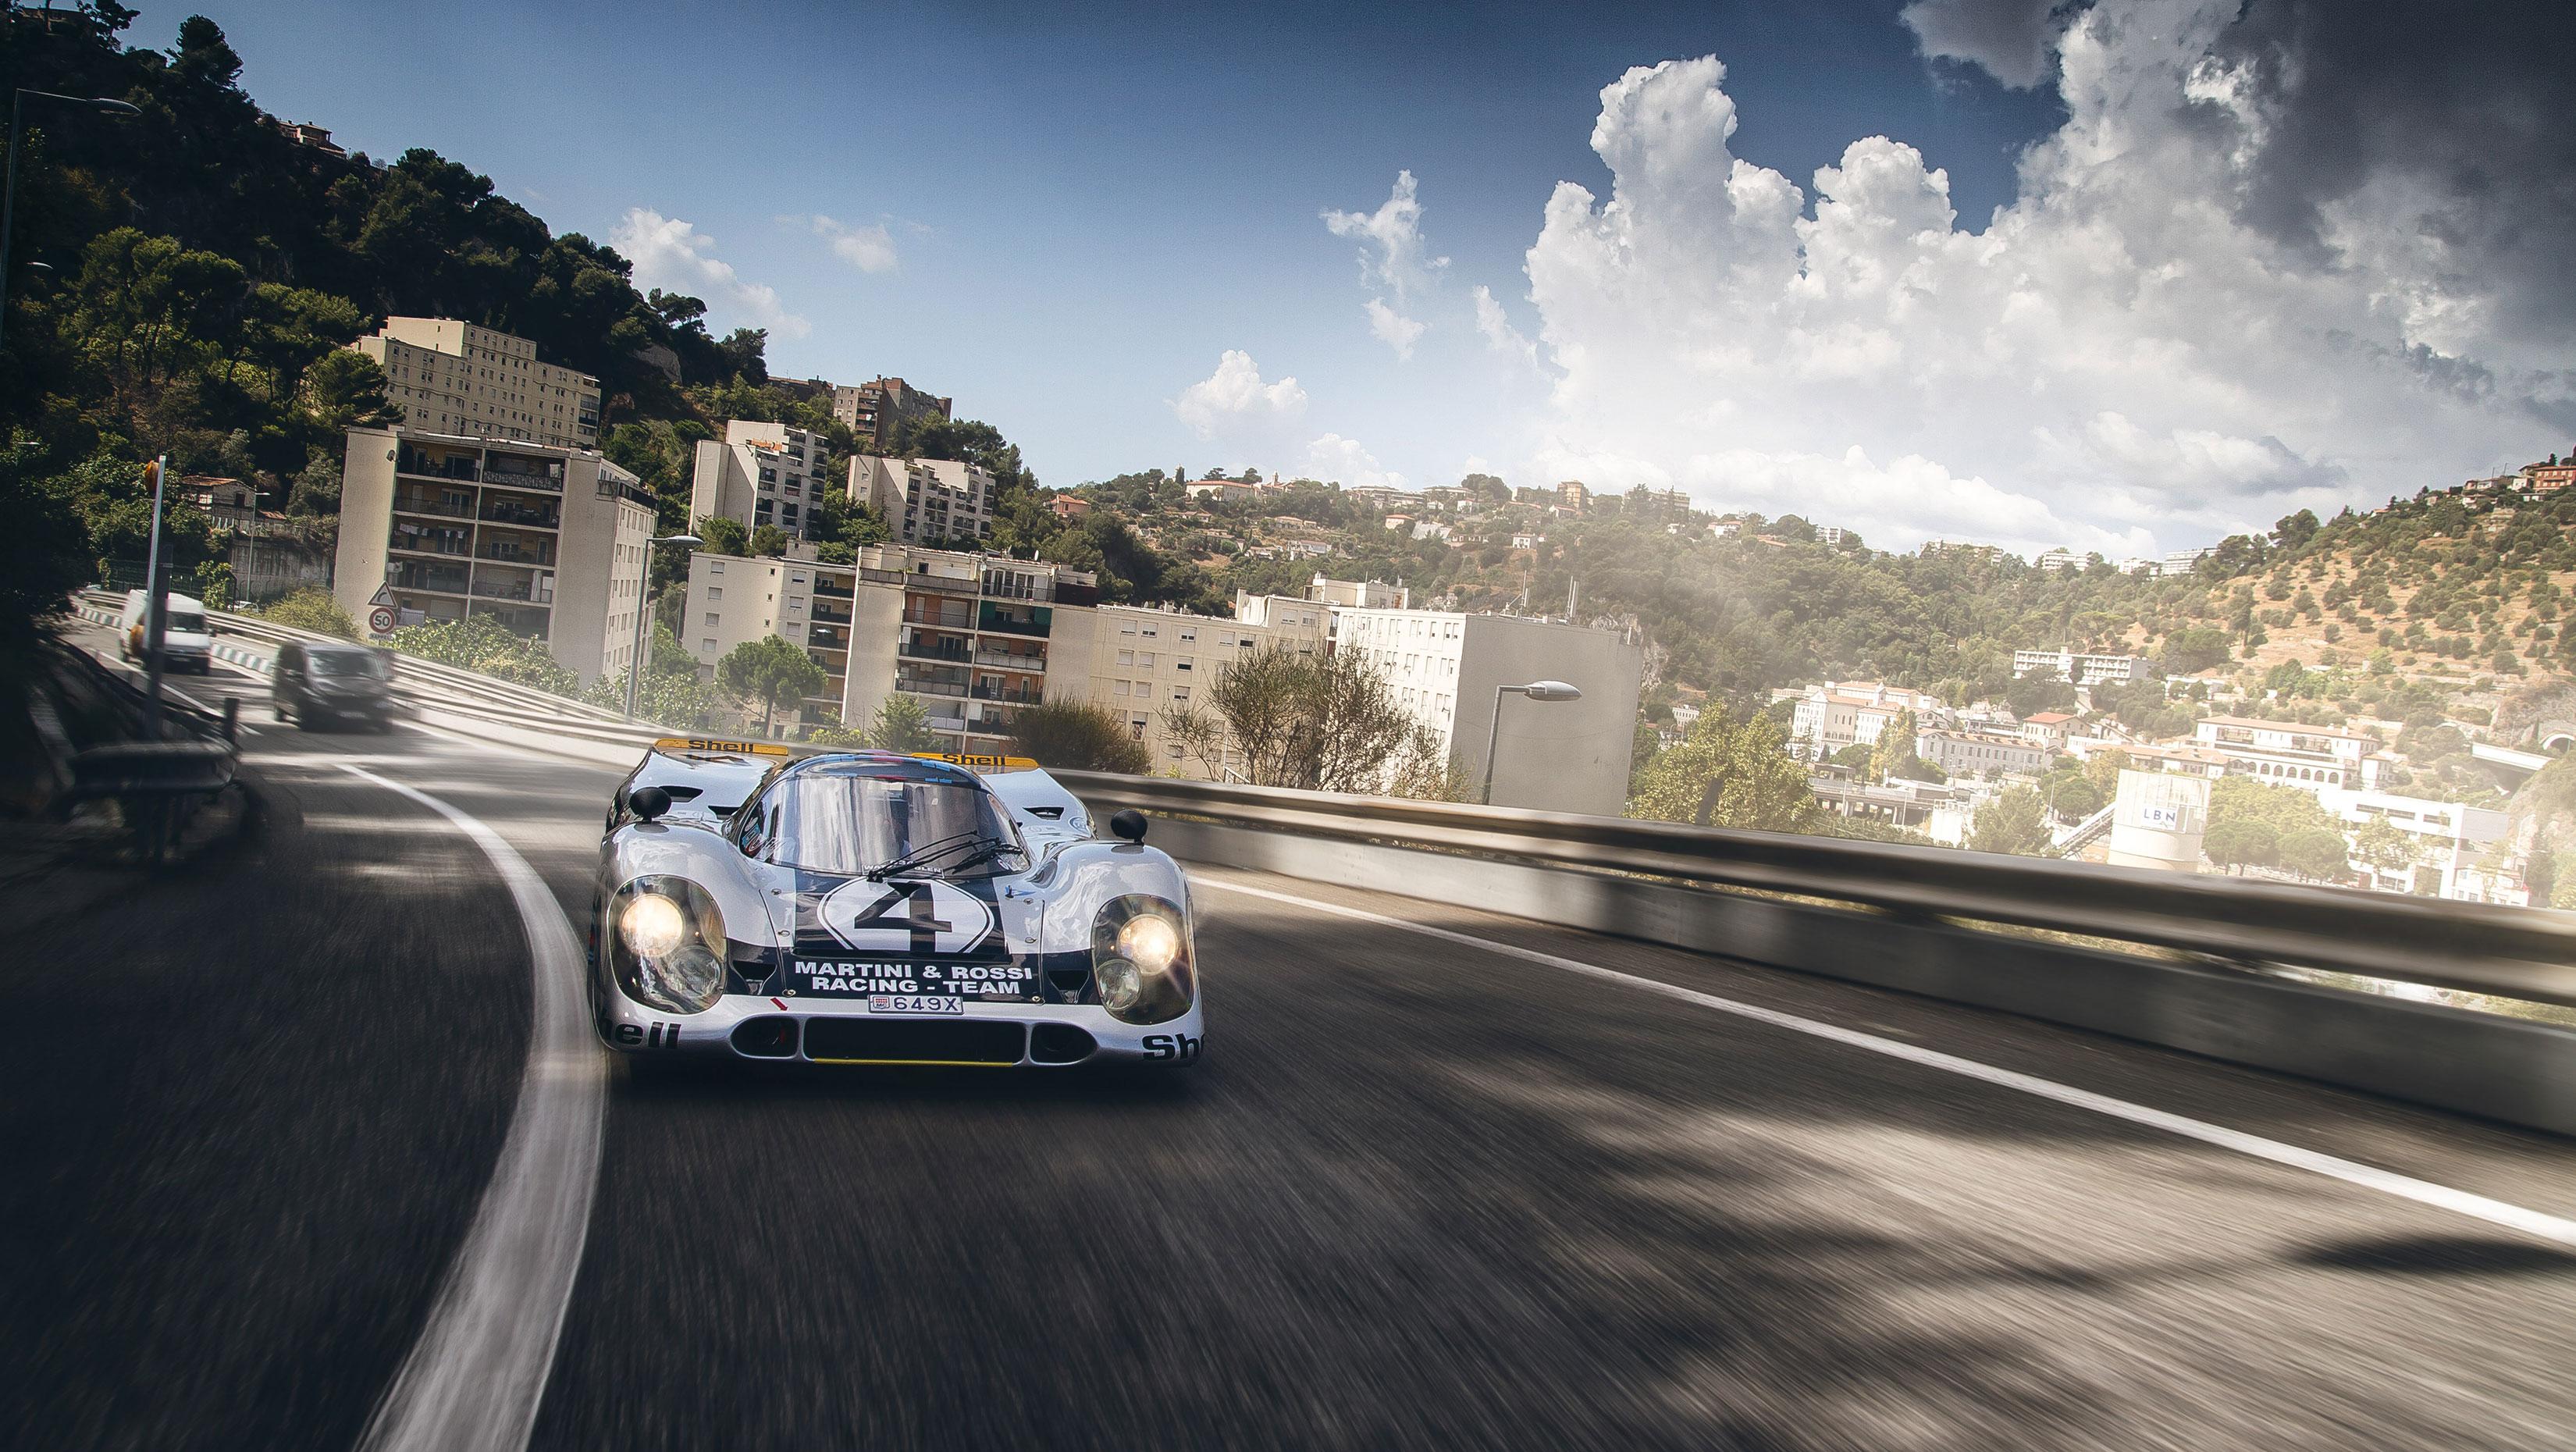 El Incre 237 Ble Porsche 917 Homologado Para Conducir Por Ciudad